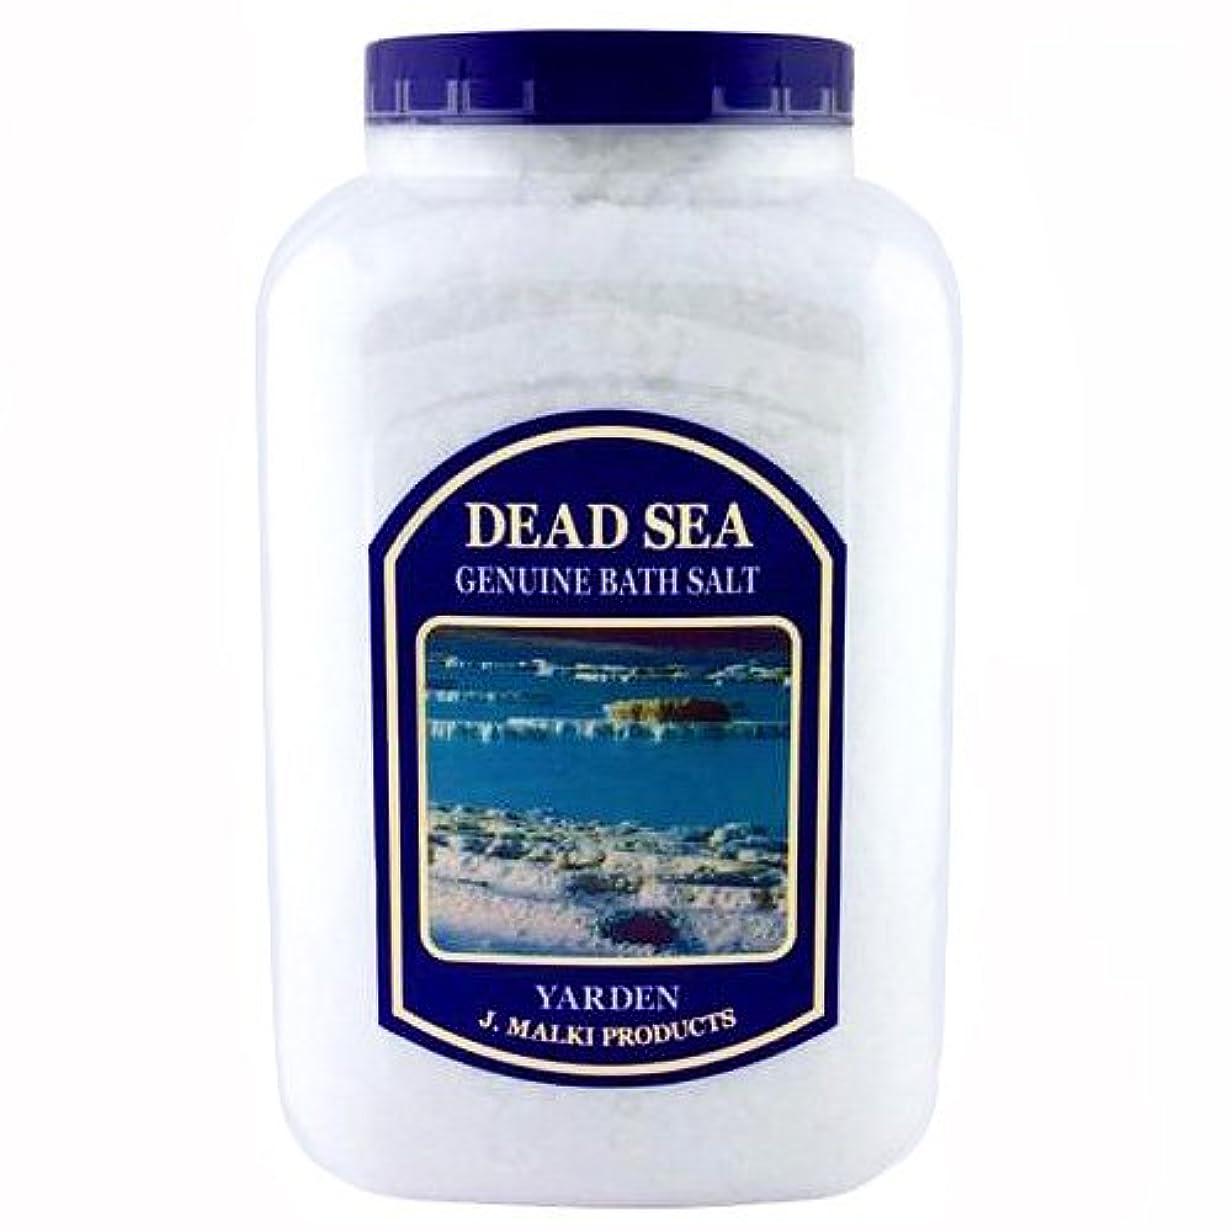 病気の乱す保有者デッドシー?バスソルト 4.5kg(約45回分)【DEAD SEA BATH SALT】死海の塩/入浴剤(入浴用化粧品)【正規販売店】